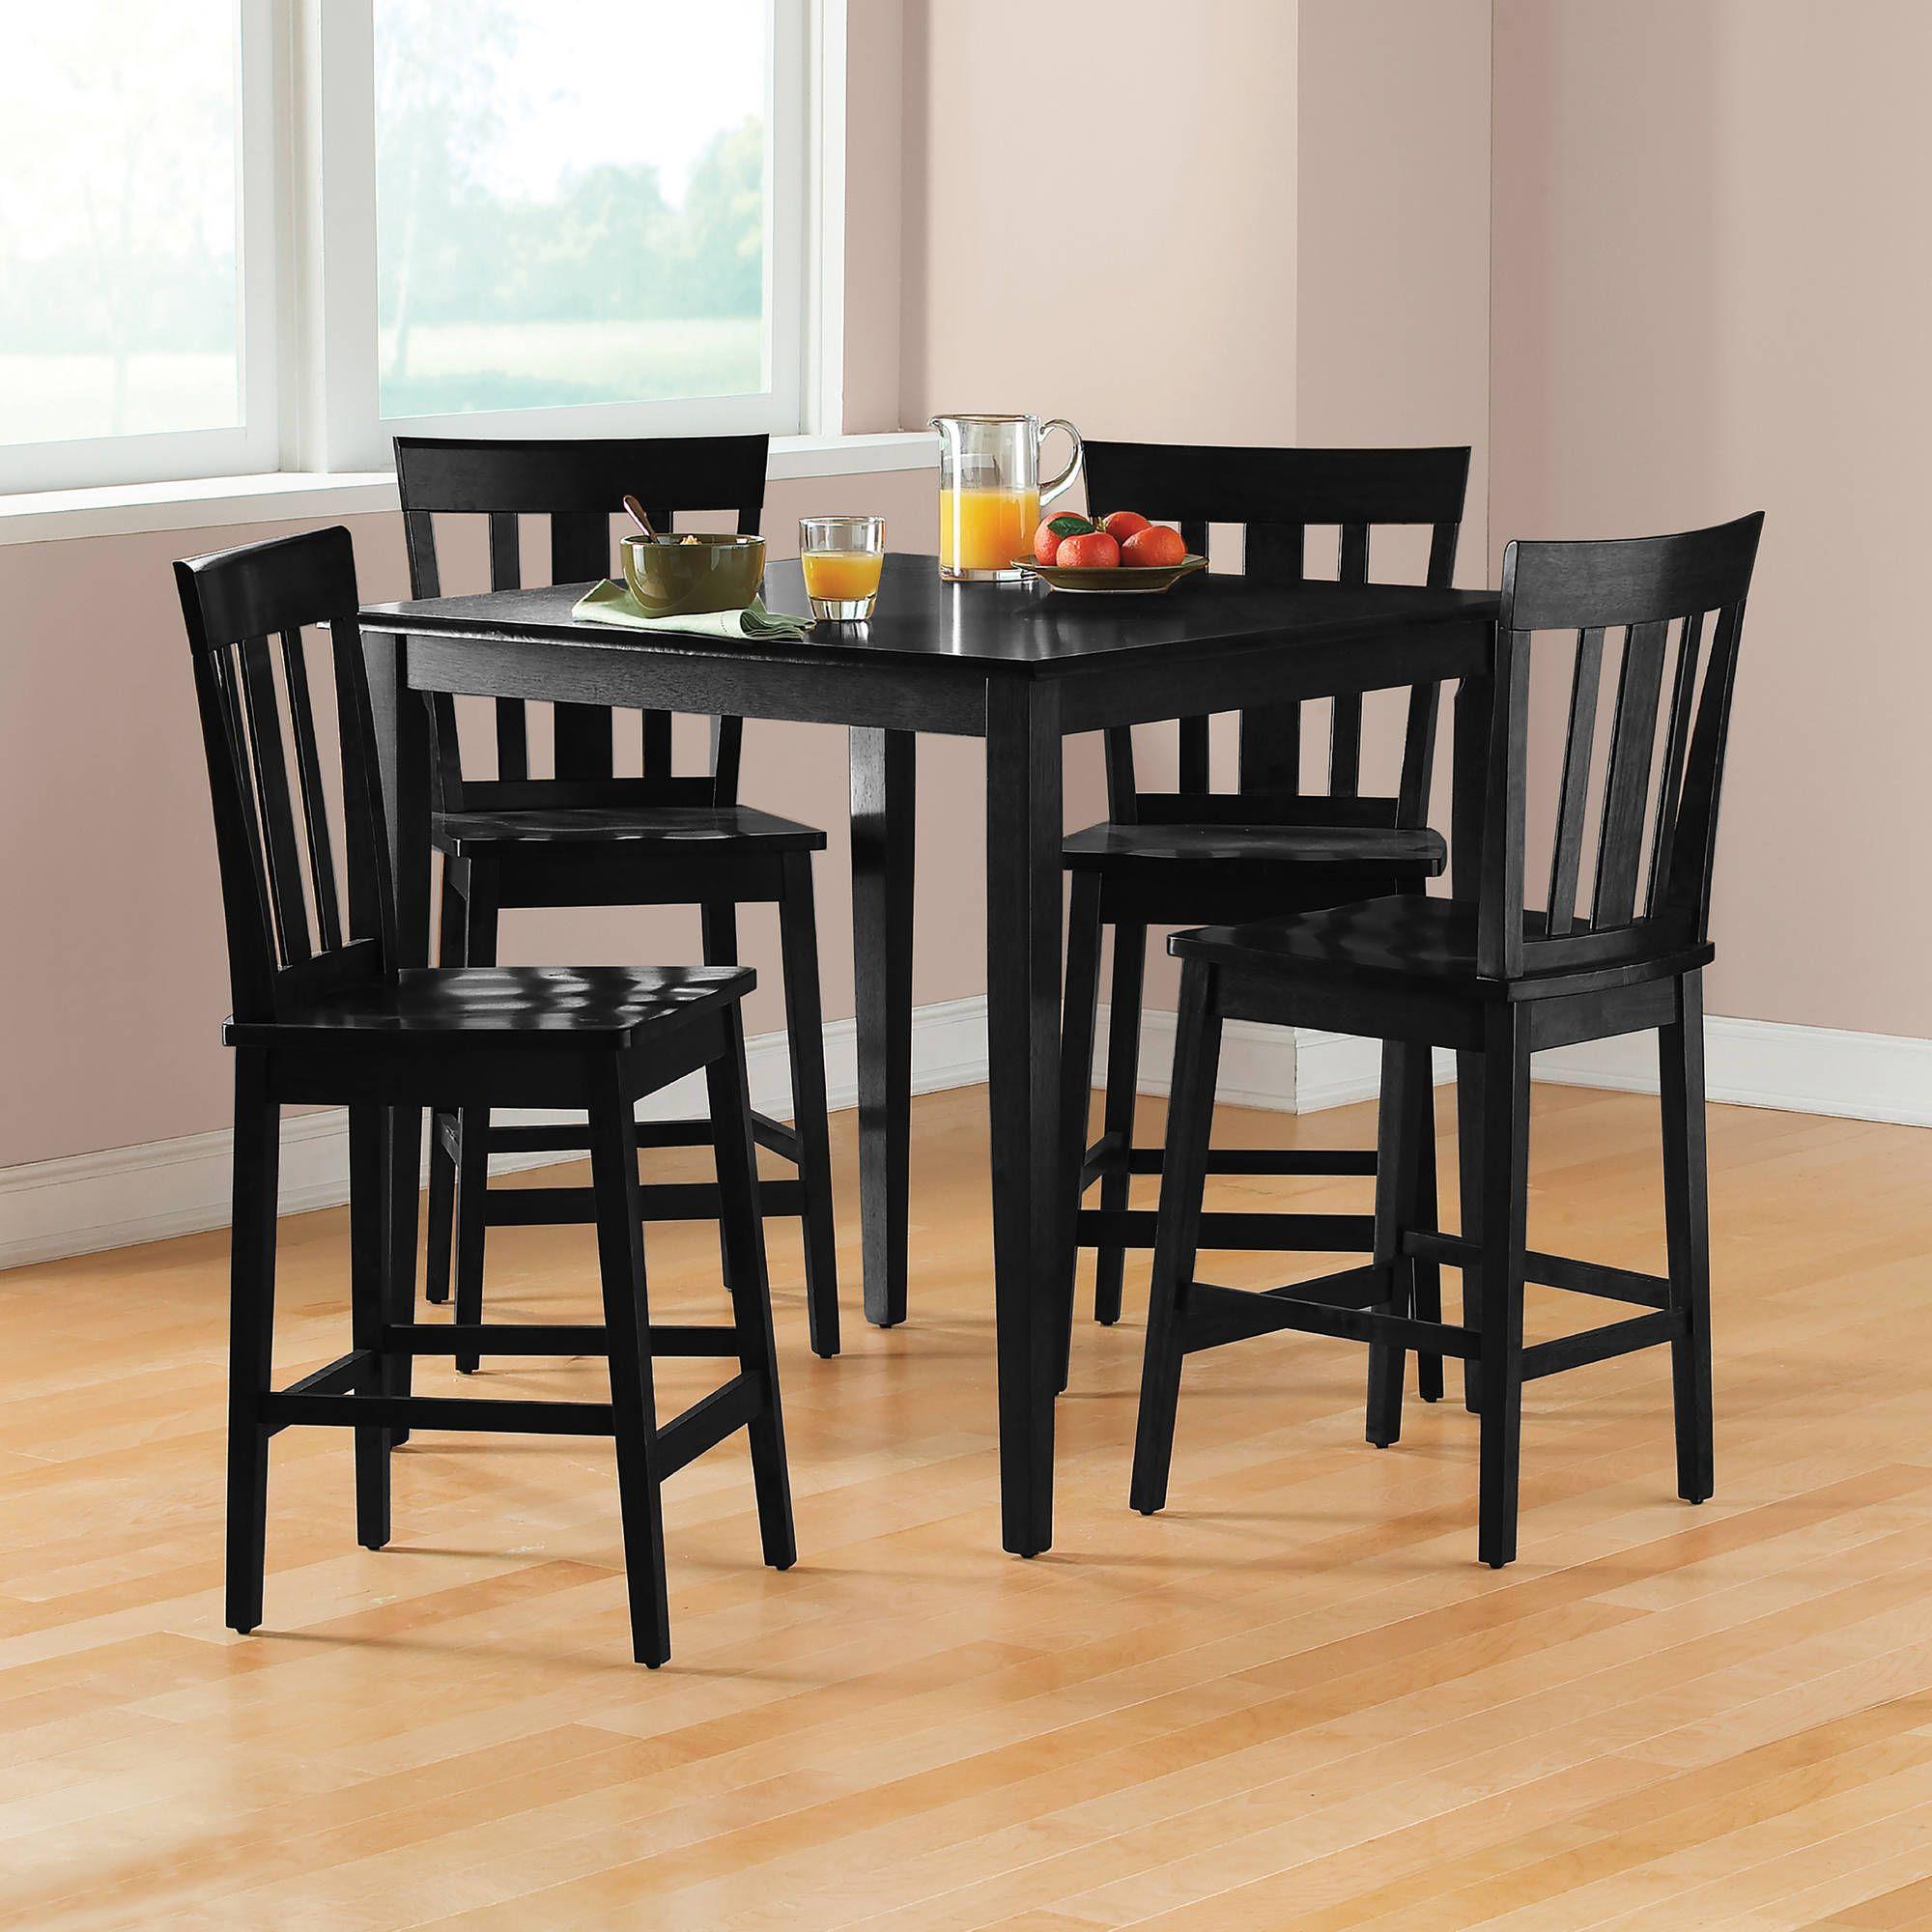 Stühle Für Esstisch Überprüfen Sie mehr unter http//stuhle.info ...